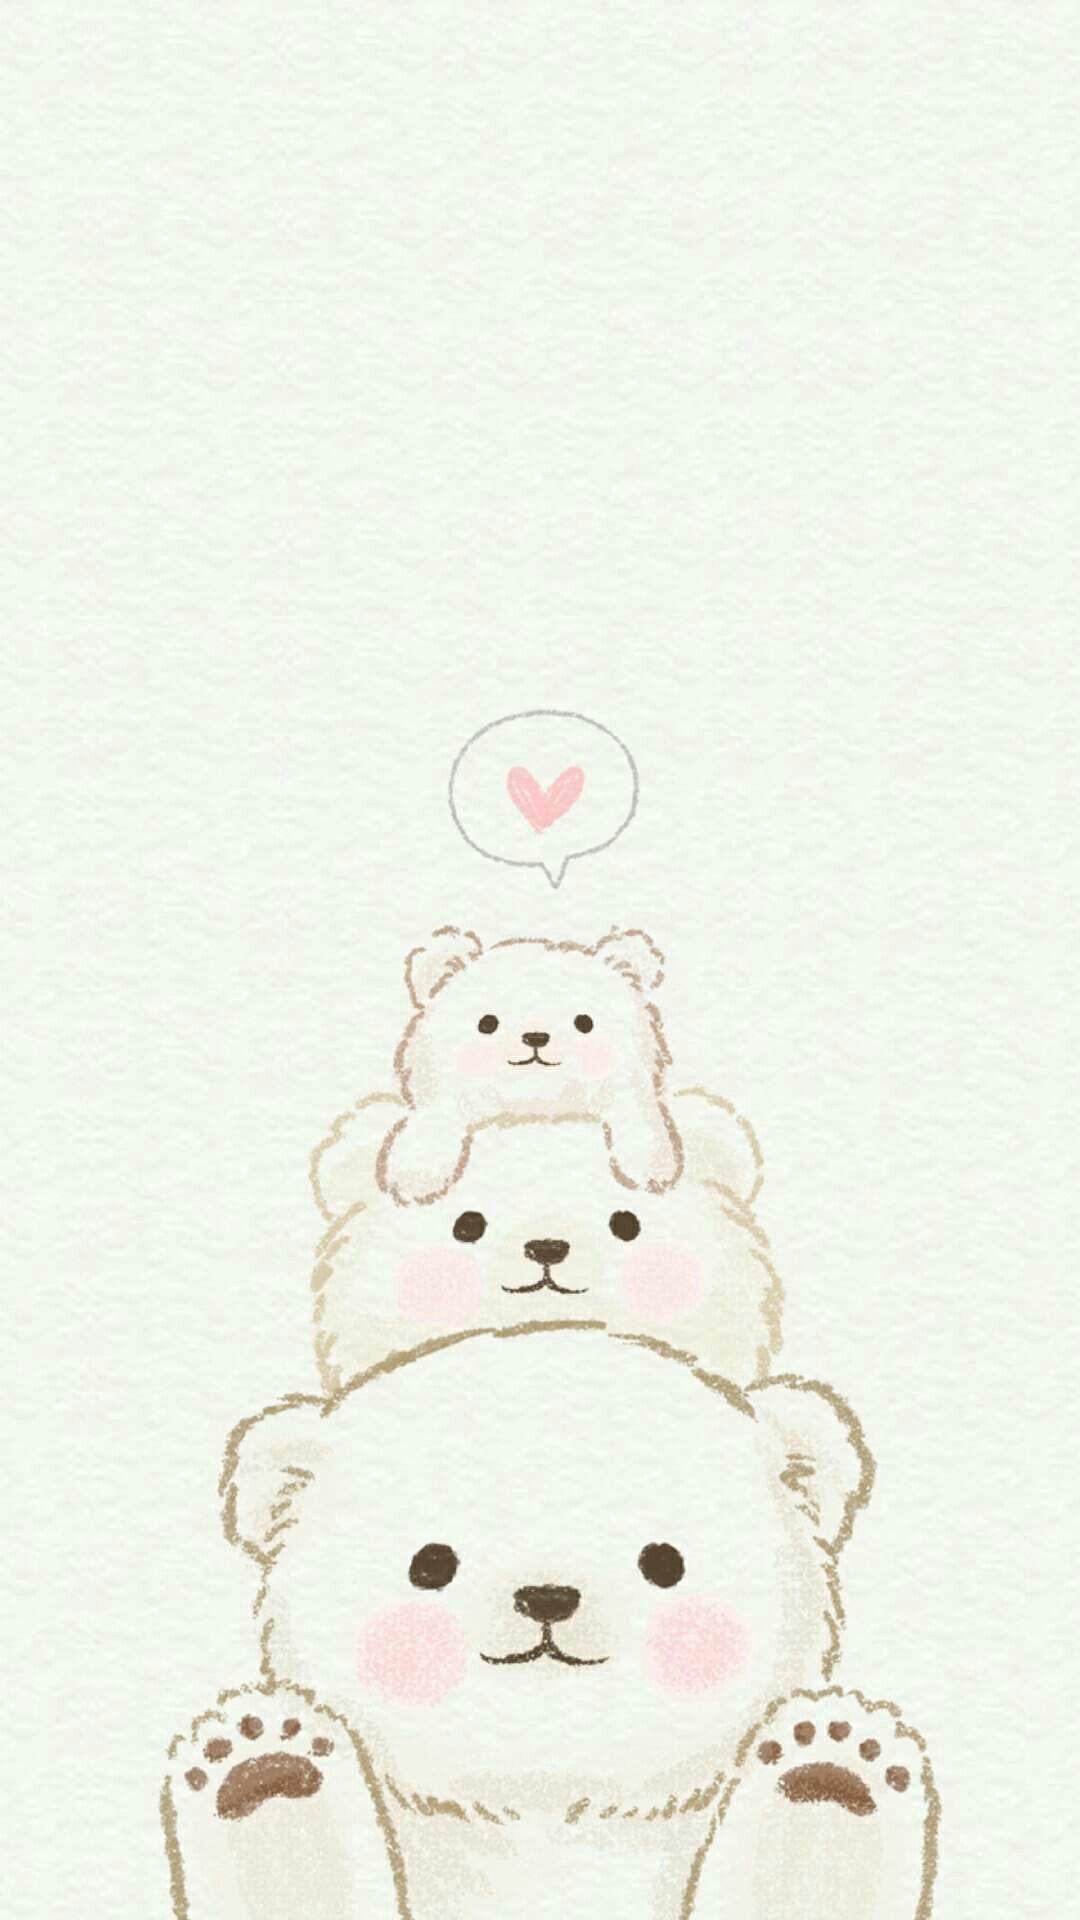 So cute Tekeningen in Pinterest Cute wallpapers Cute